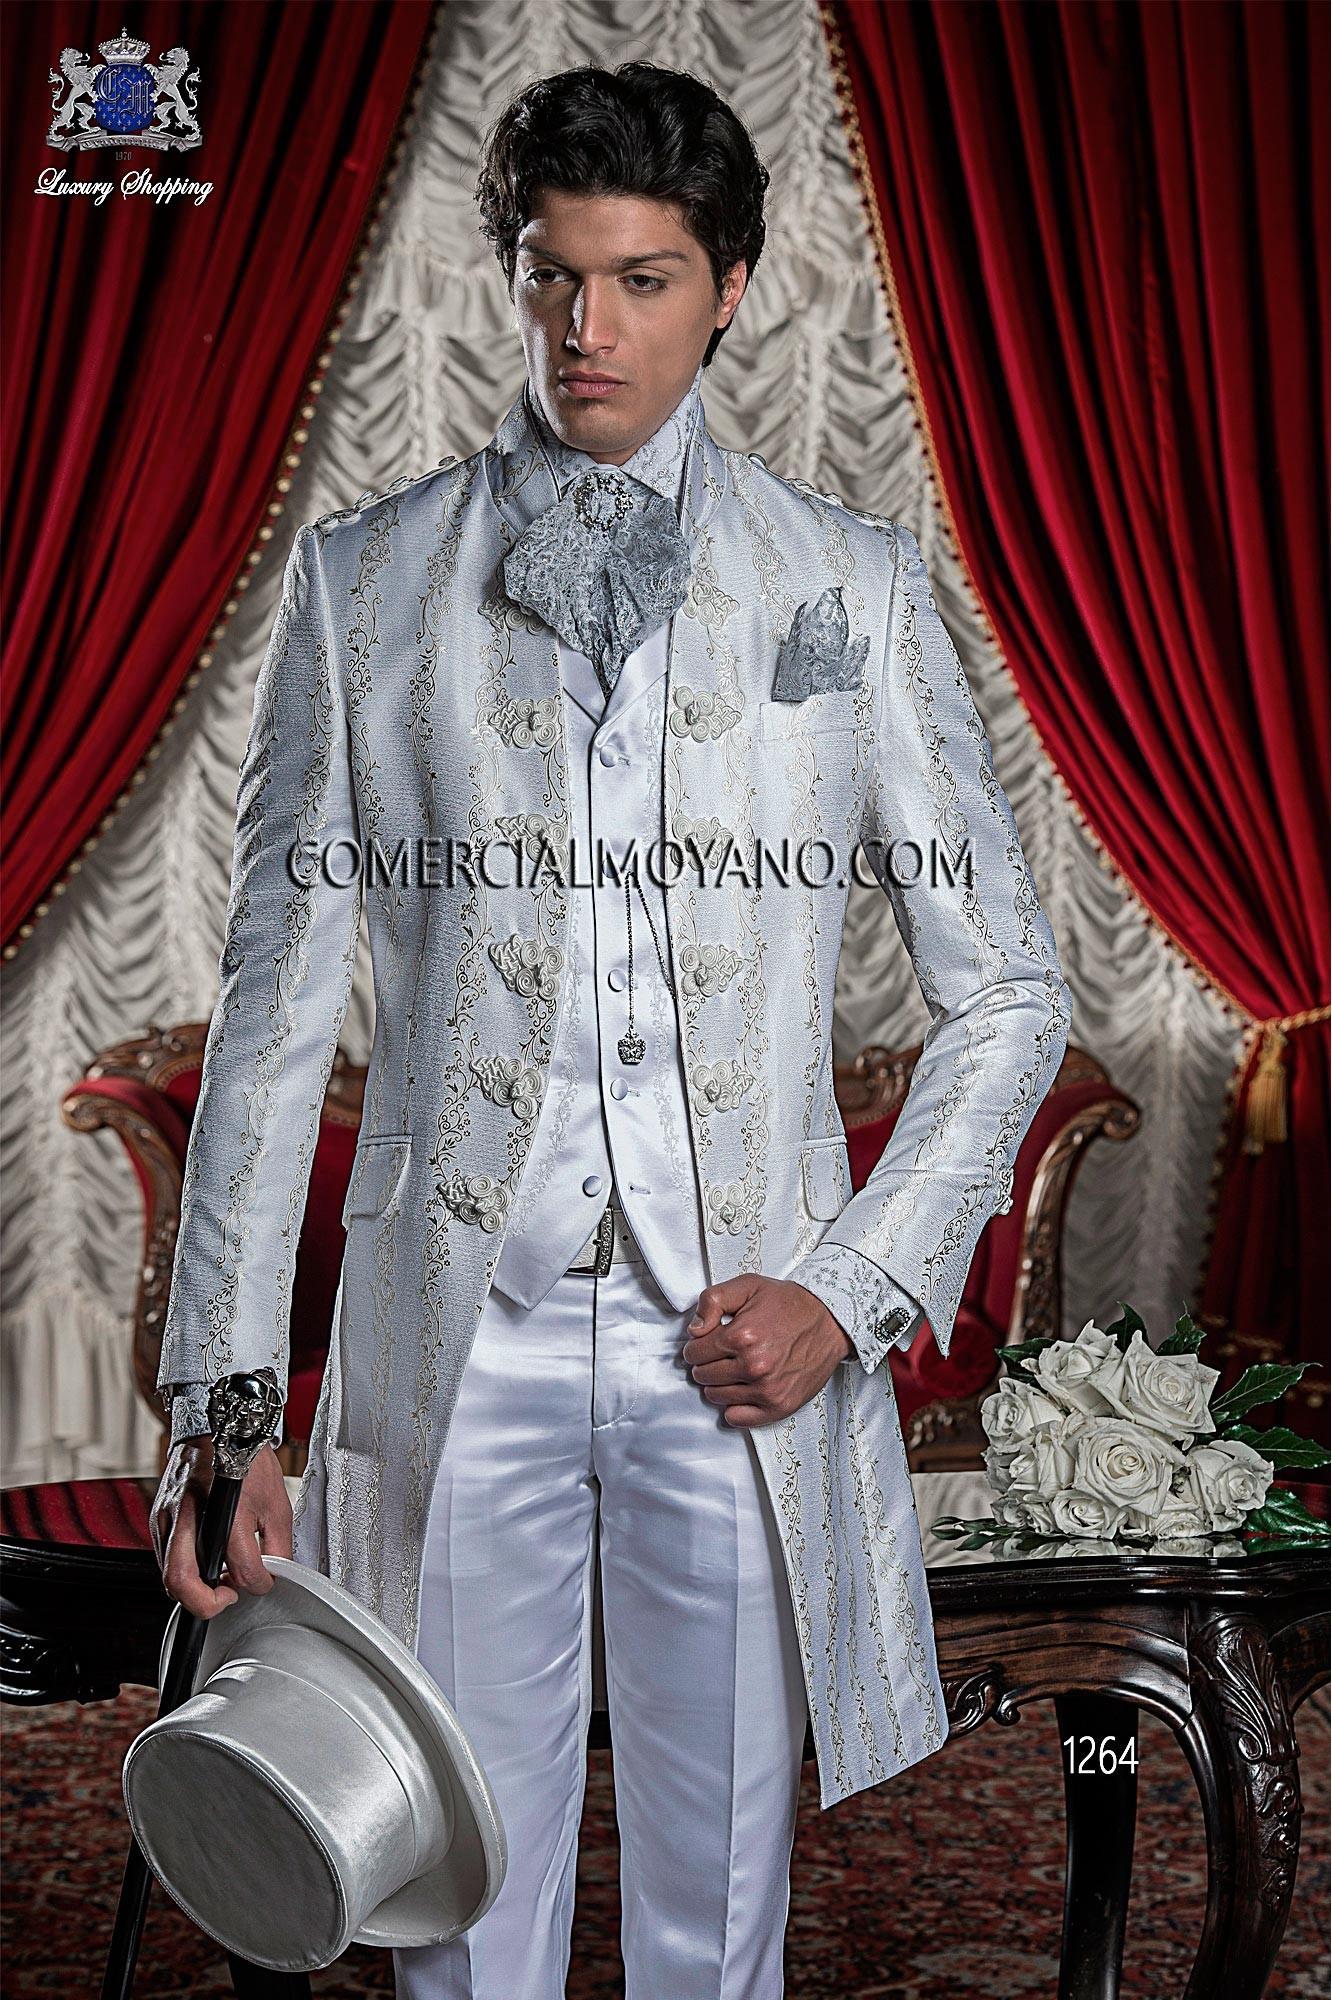 Traje de novio barroco blanco modelo: 1264 Ottavio Nuccio Gala colección 2017 Barroco